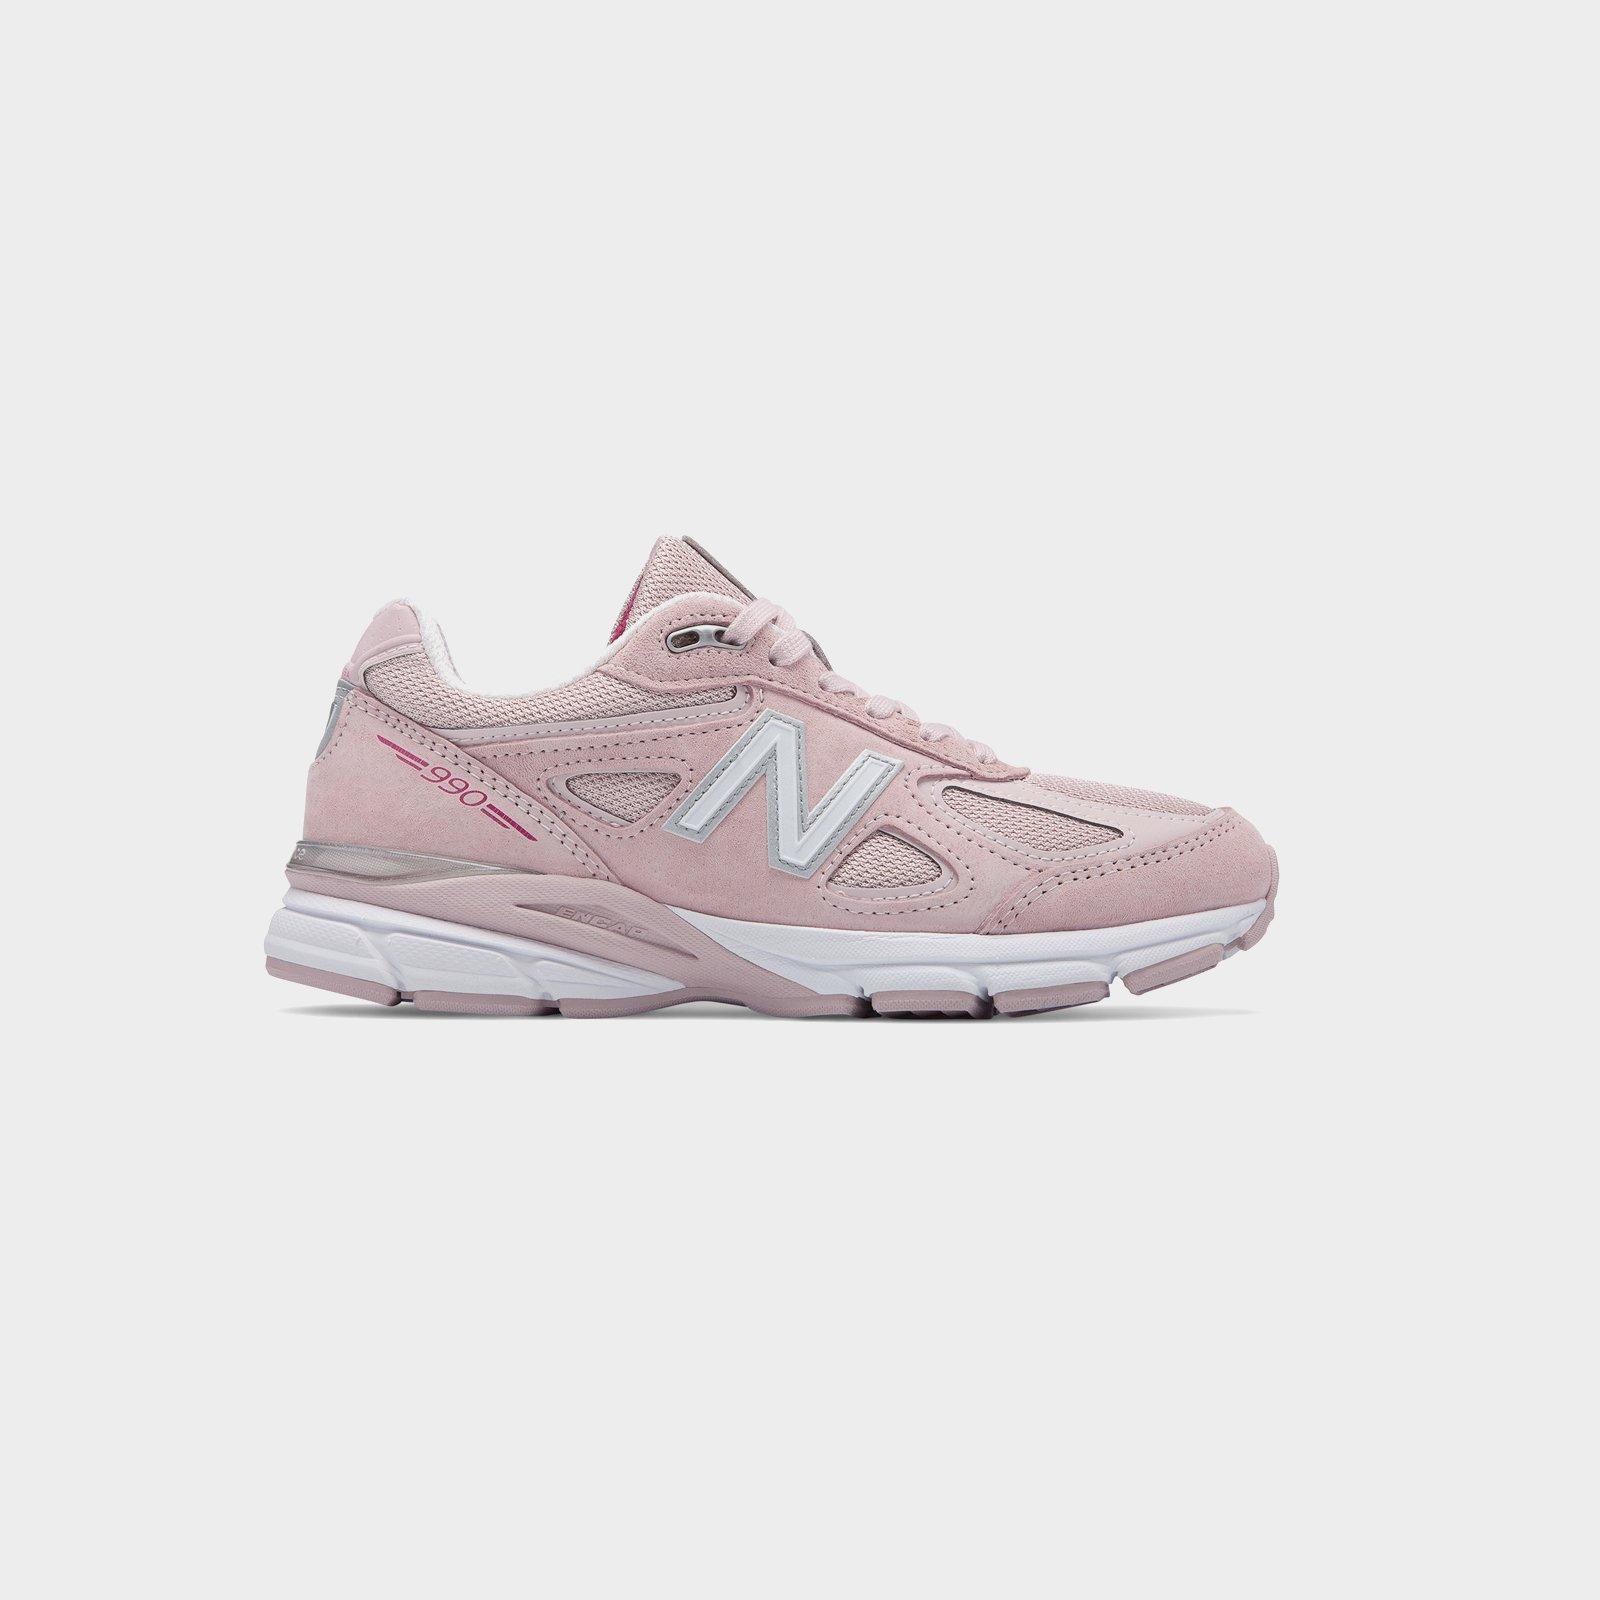 buy online 5361d b5596 New Balance M990 - M990kmn4 - Sneakersnstuff | sneakers ...